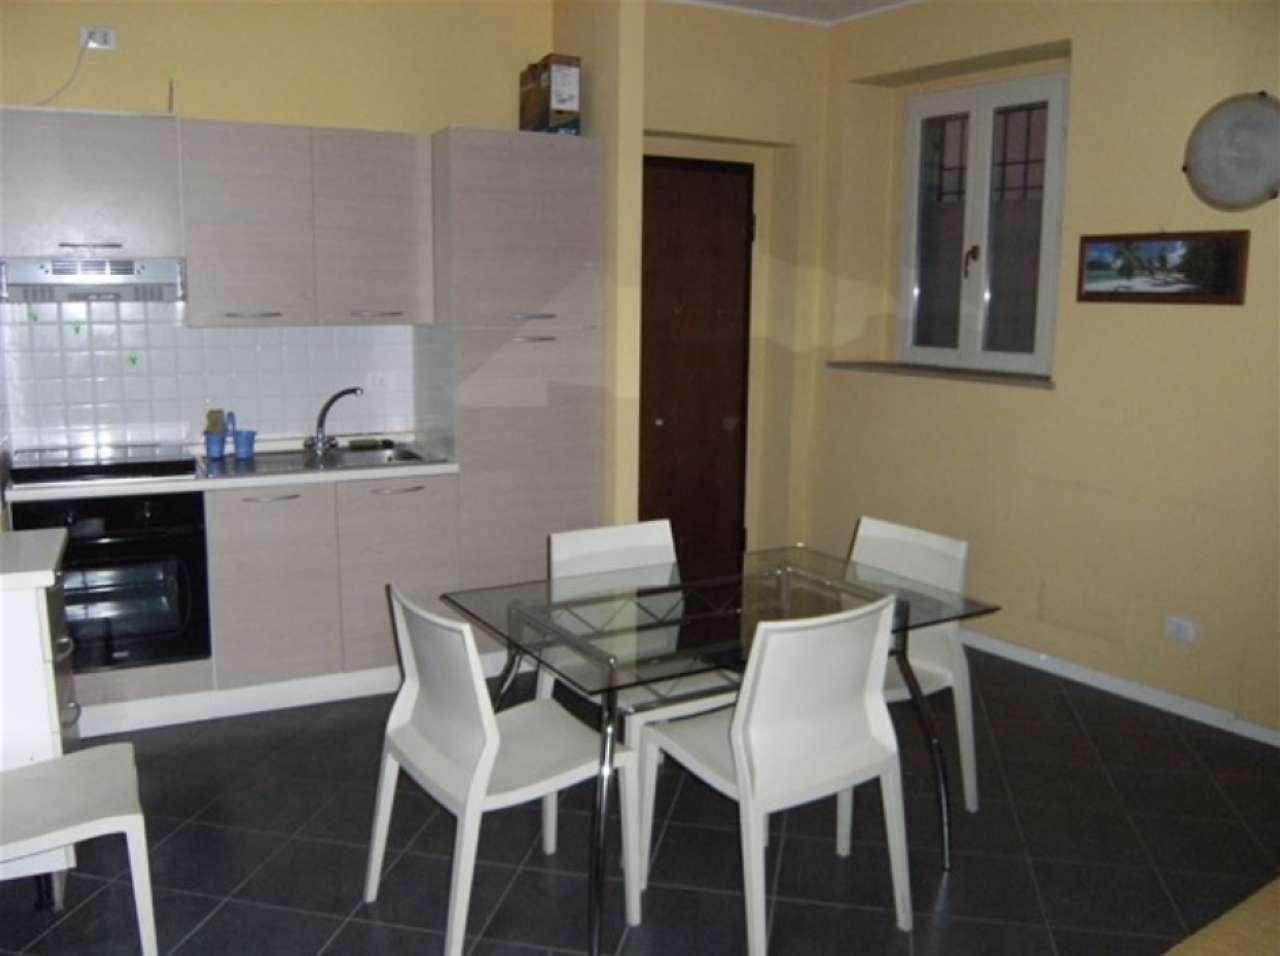 Appartamento bilocale in affitto a Fiorenzuola d'Arda (PC)